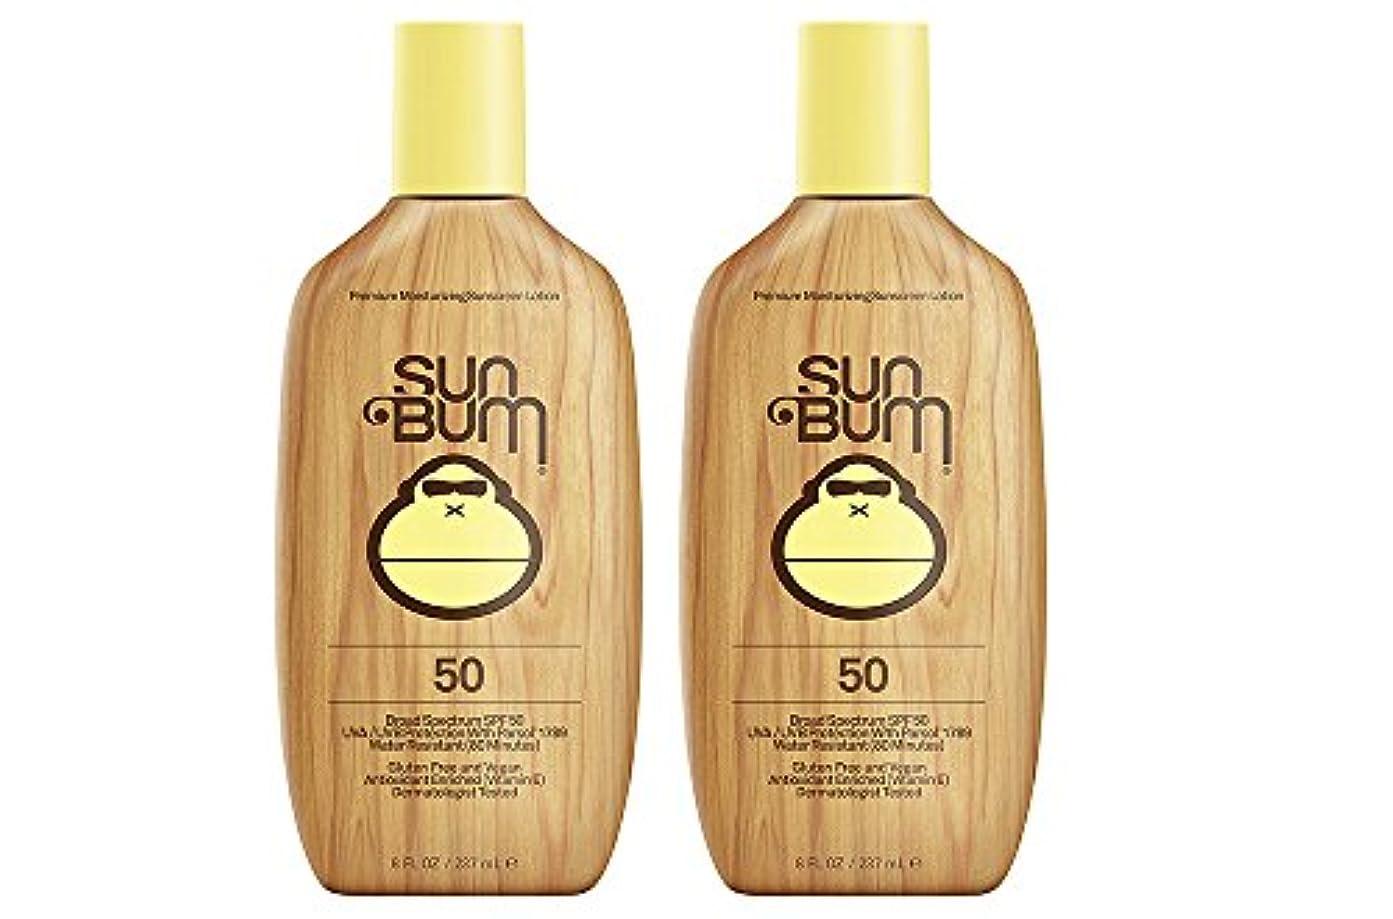 Sun Bumモイスチャライジングpjoxs日焼け止めローション、SPF 50 (2パック)